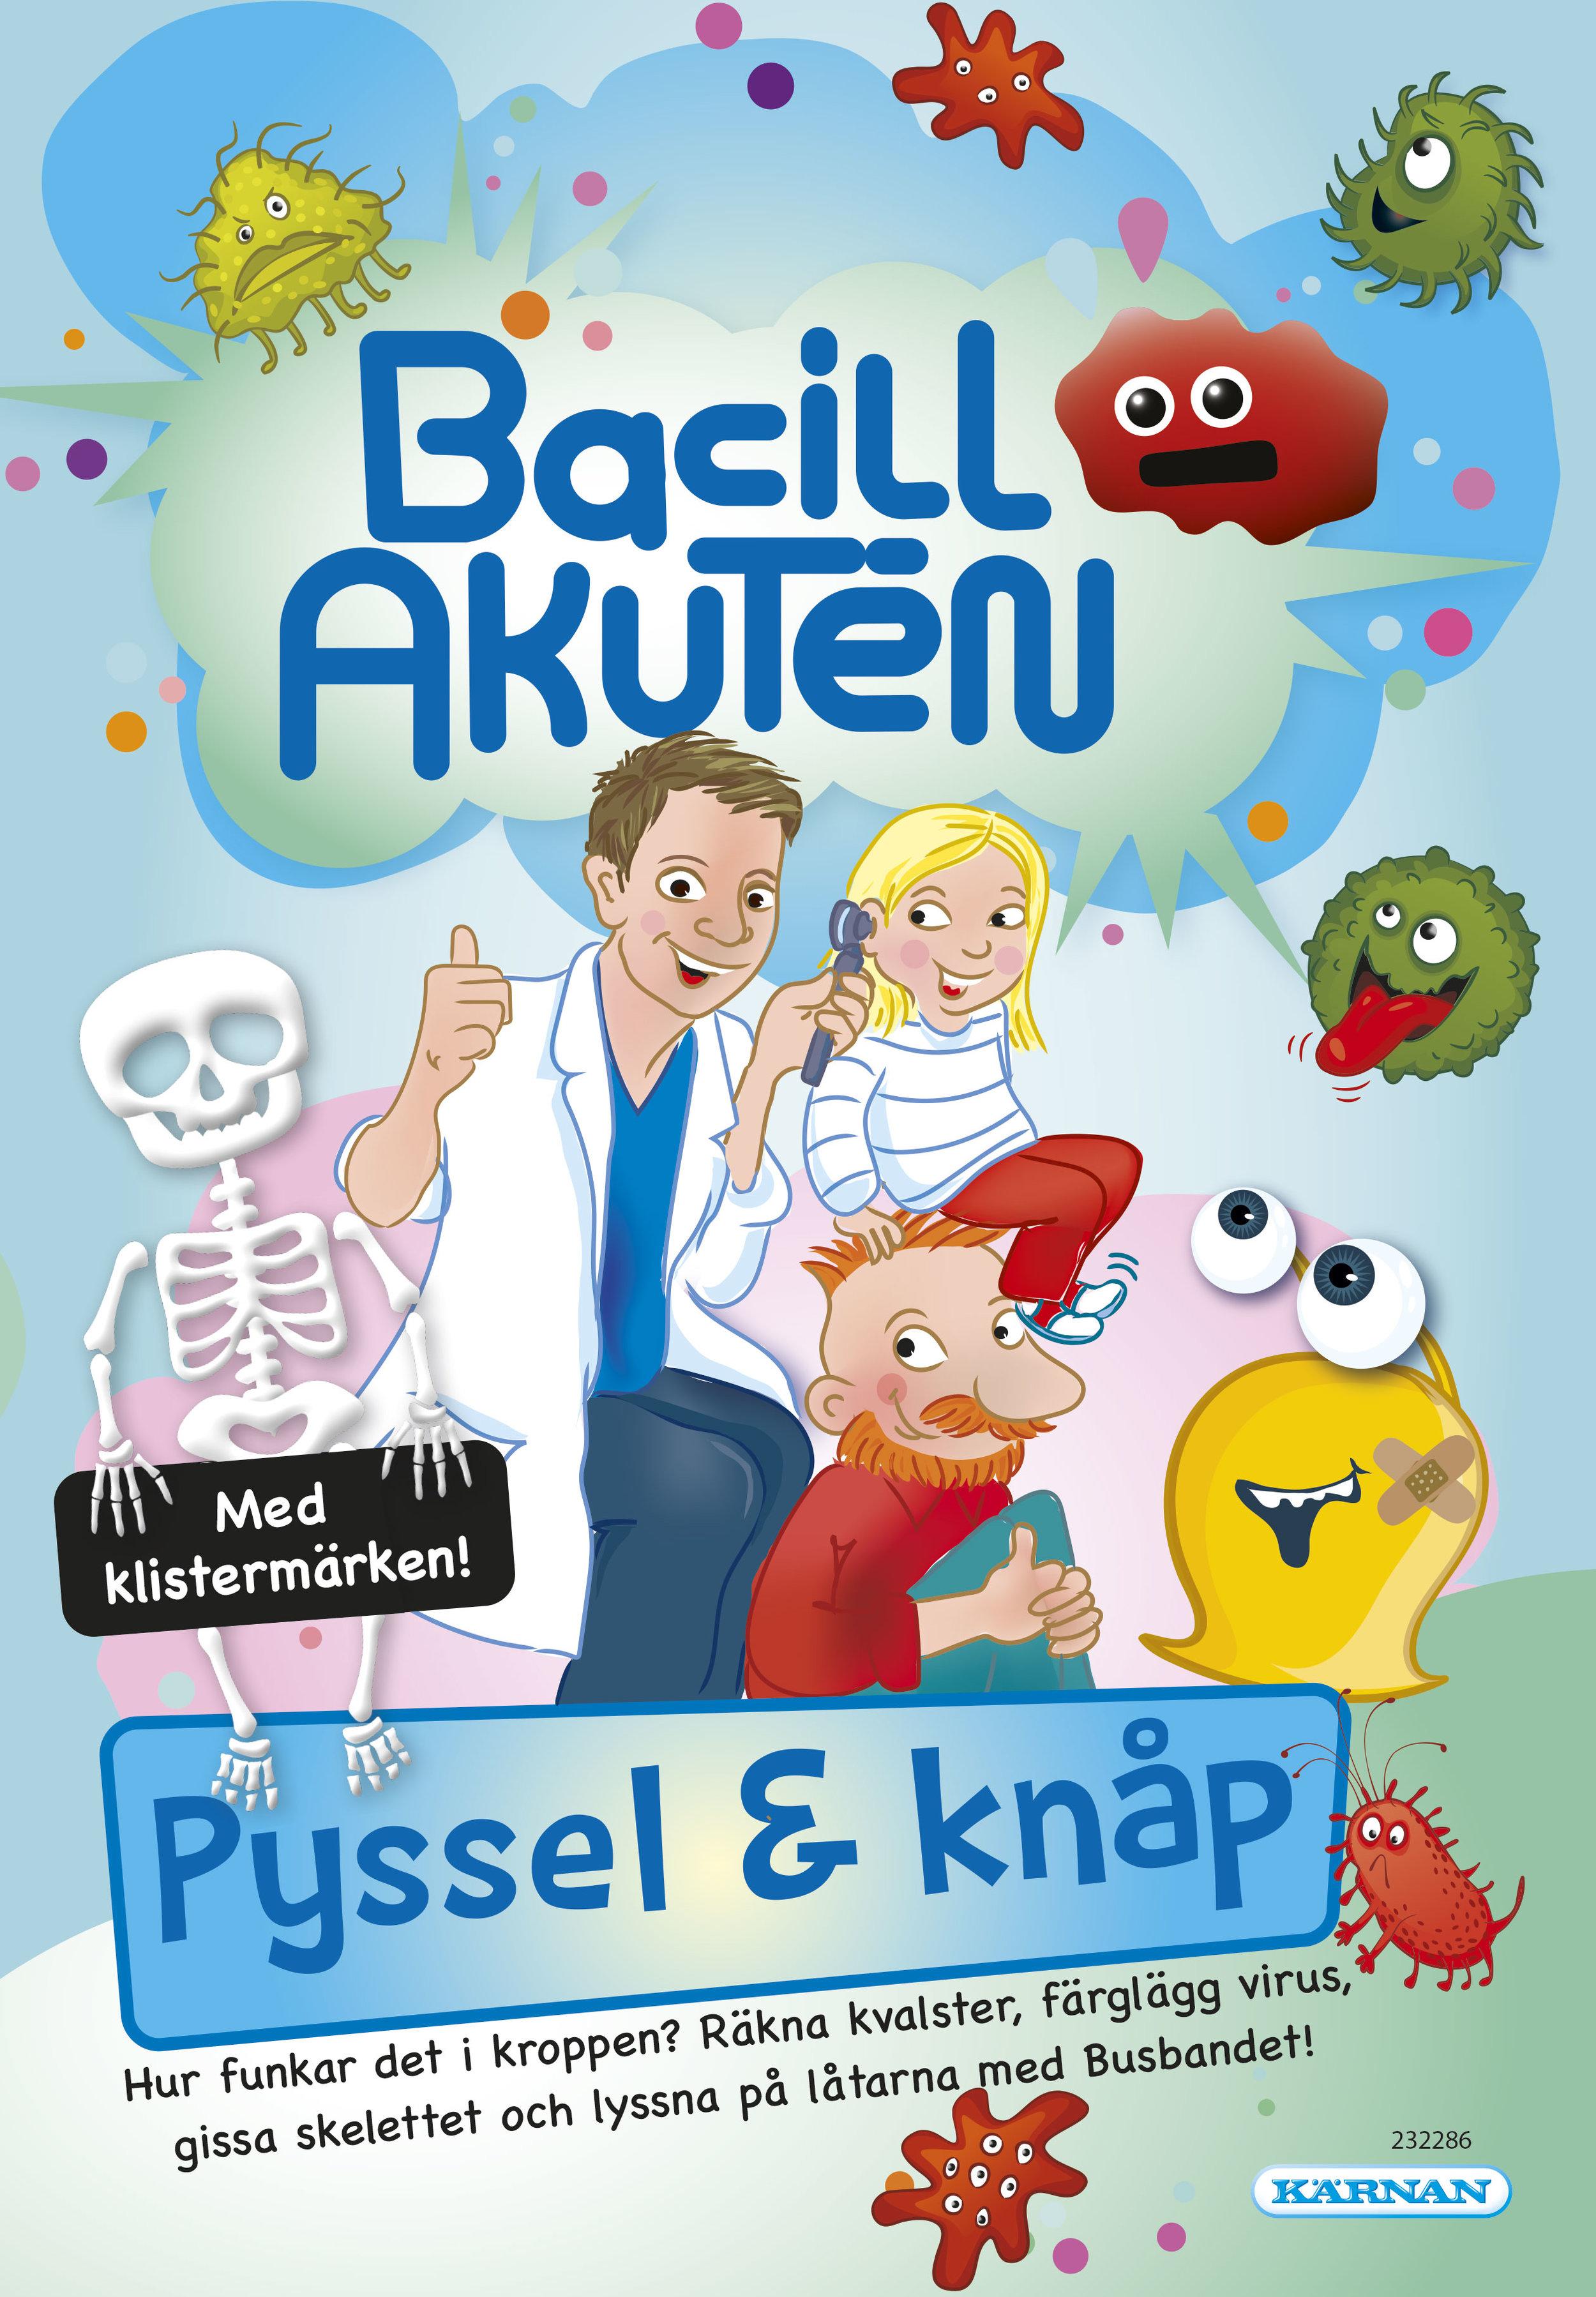 cover-Bacillakuten-BOK-1-nytest-2.jpg